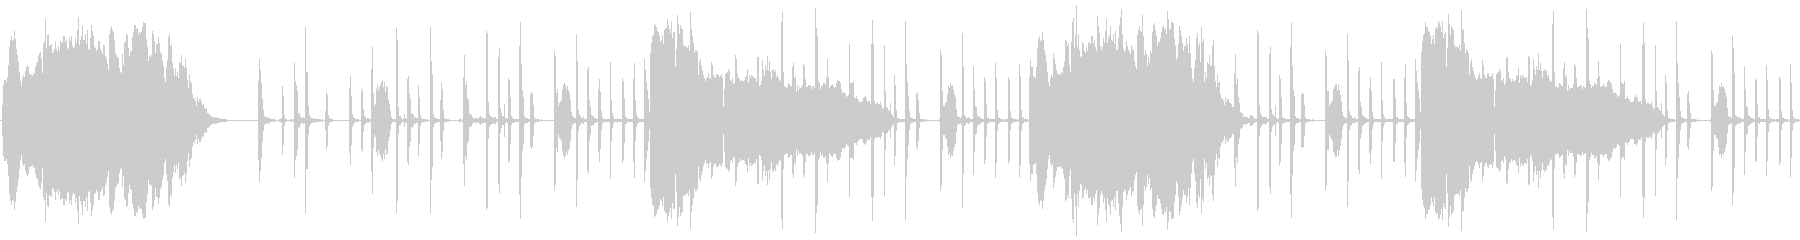 【女性バラード/ビートボックス】の未再生の波形